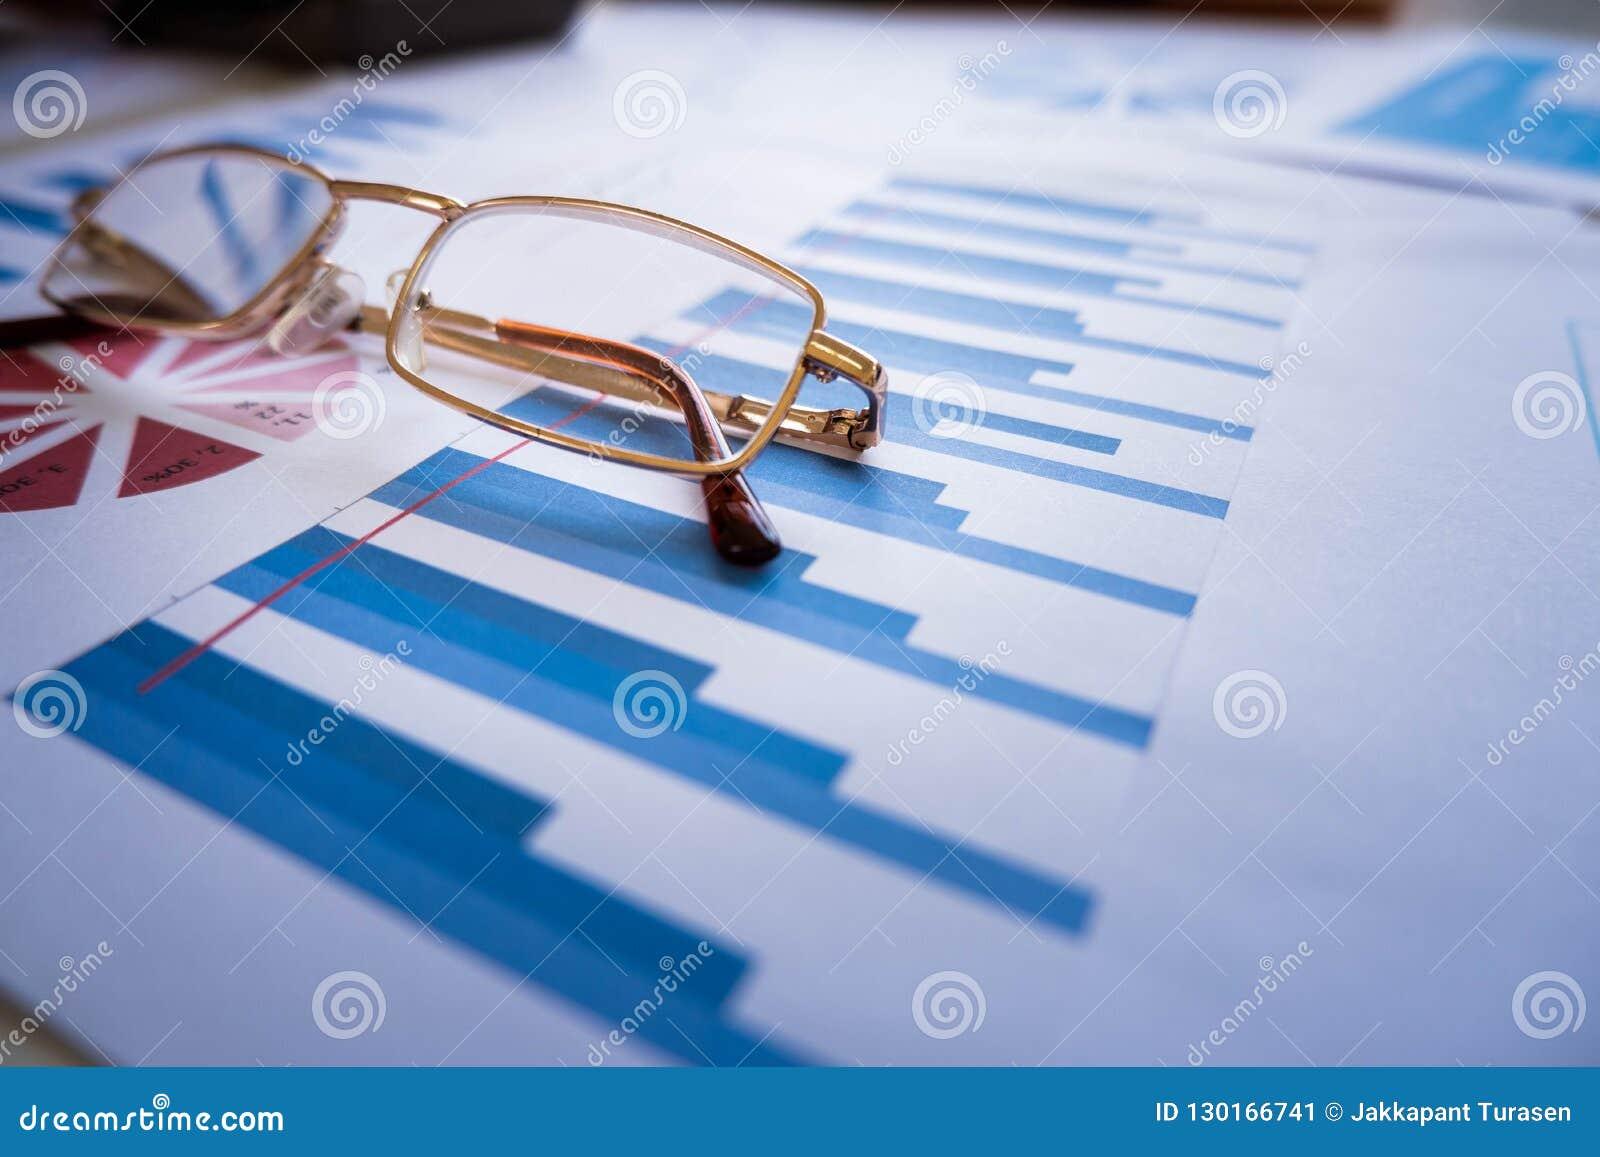 Gläser setzen auf Schreibarbeit